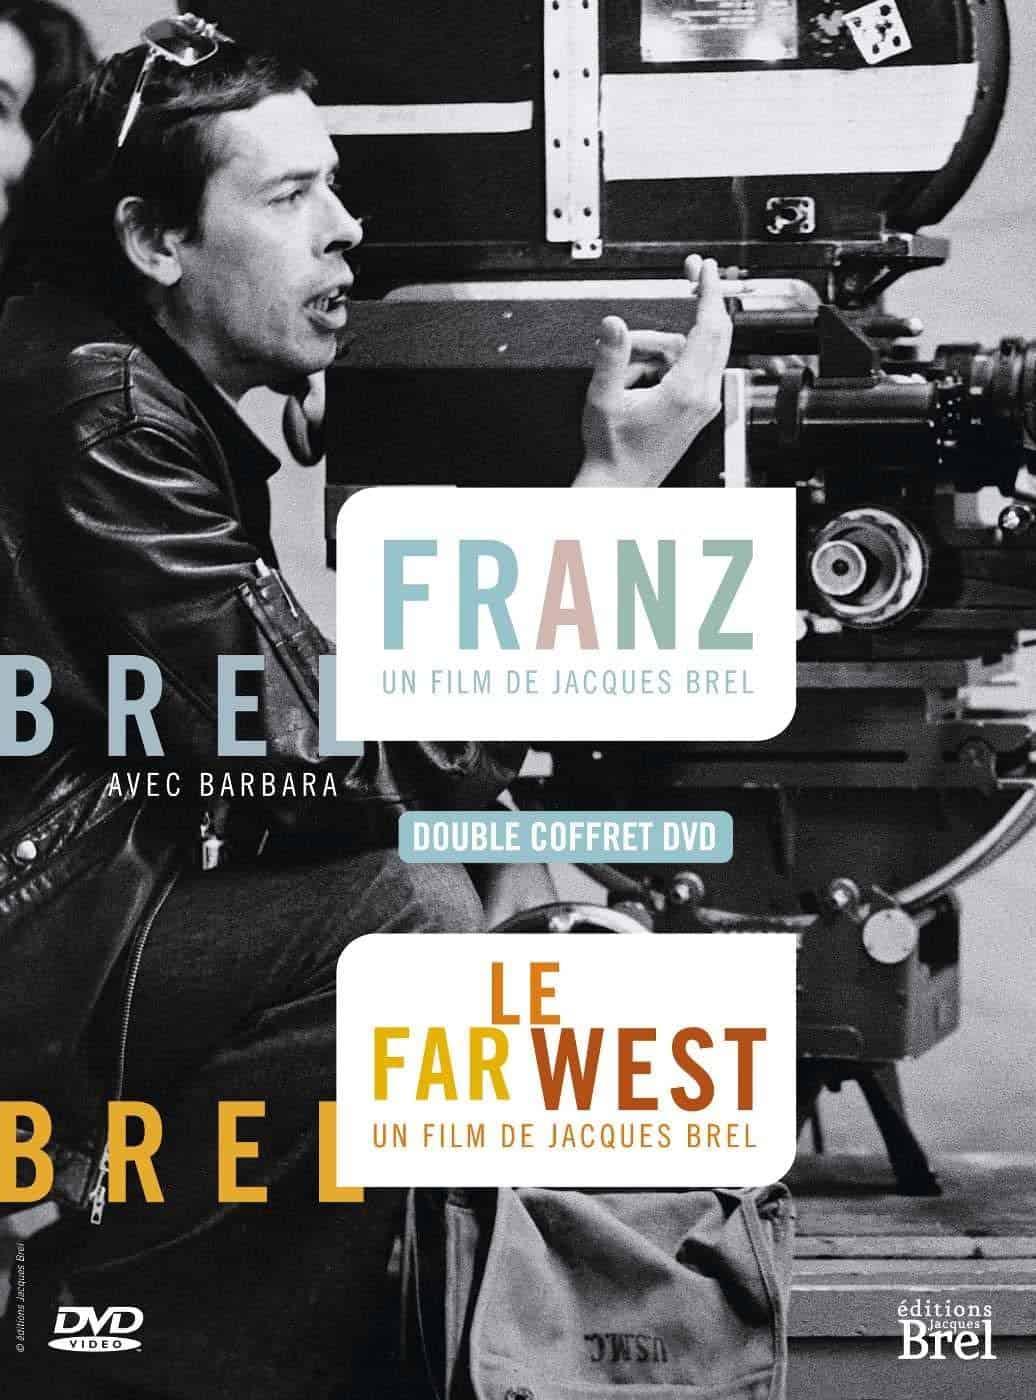 Franz + Le Far West